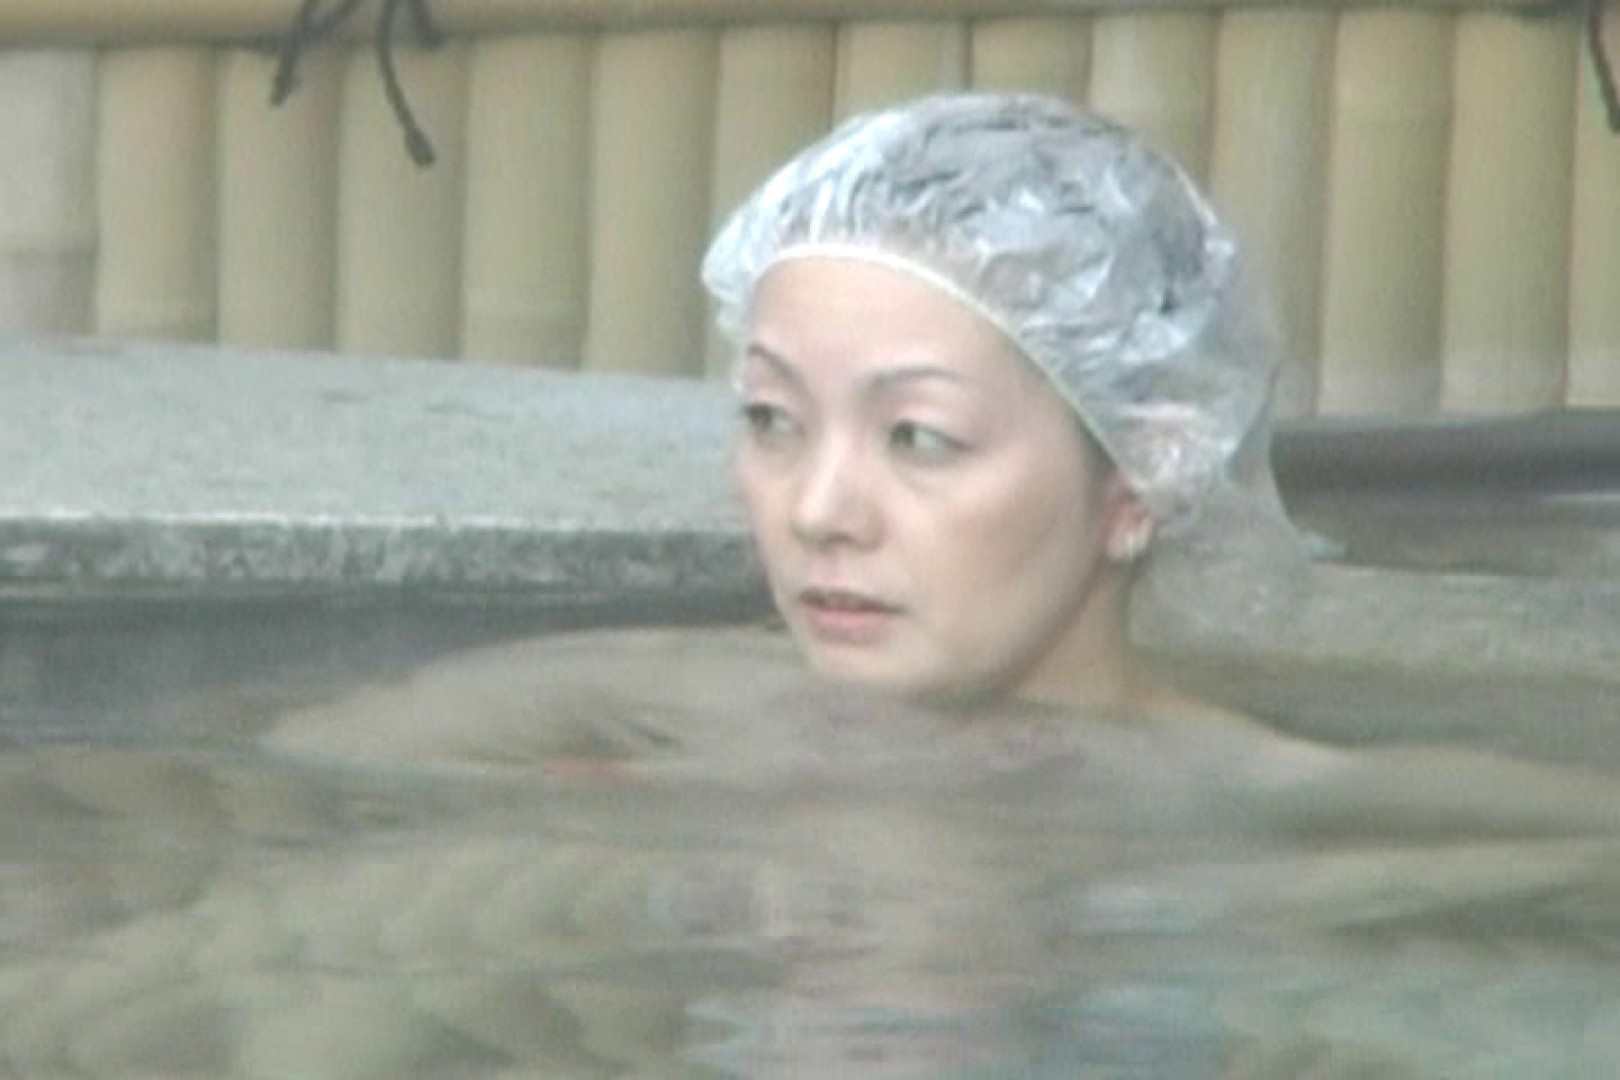 Aquaな露天風呂Vol.592 露天 | 盗撮  92pic 46